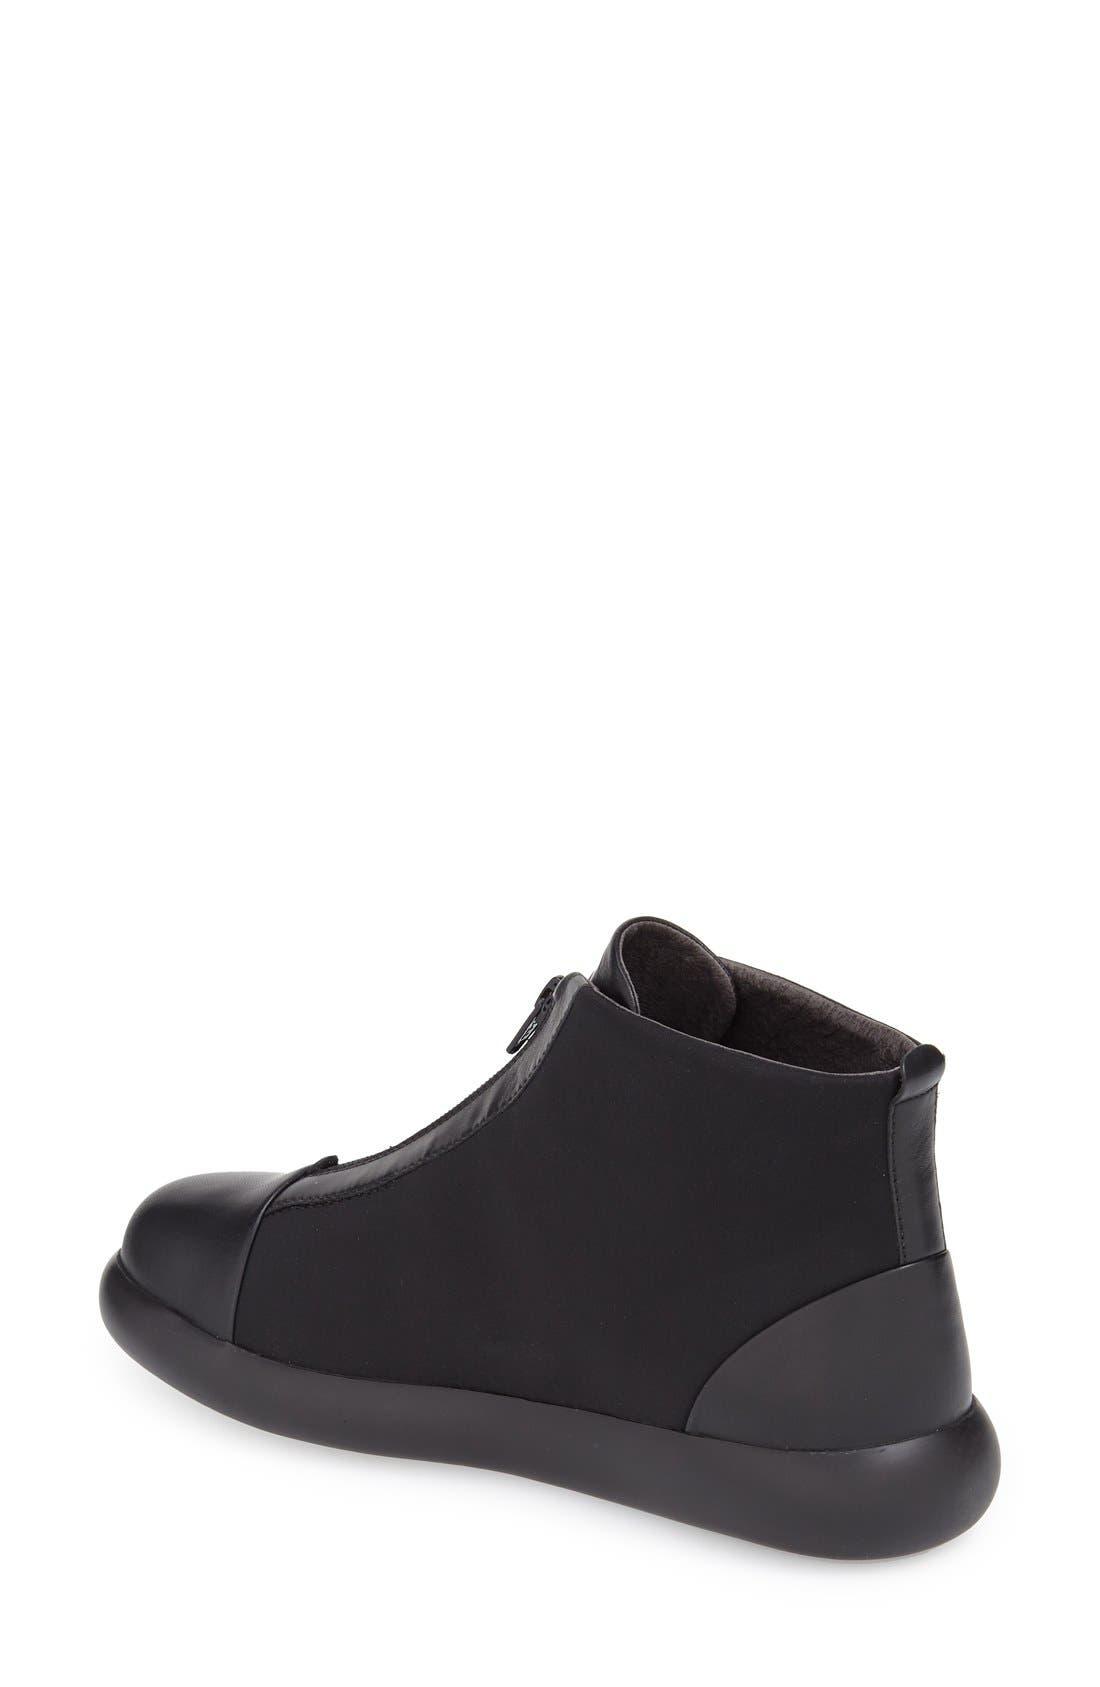 'Pelotas - Capsule' Cap Toe Sneaker,                             Alternate thumbnail 2, color,                             001